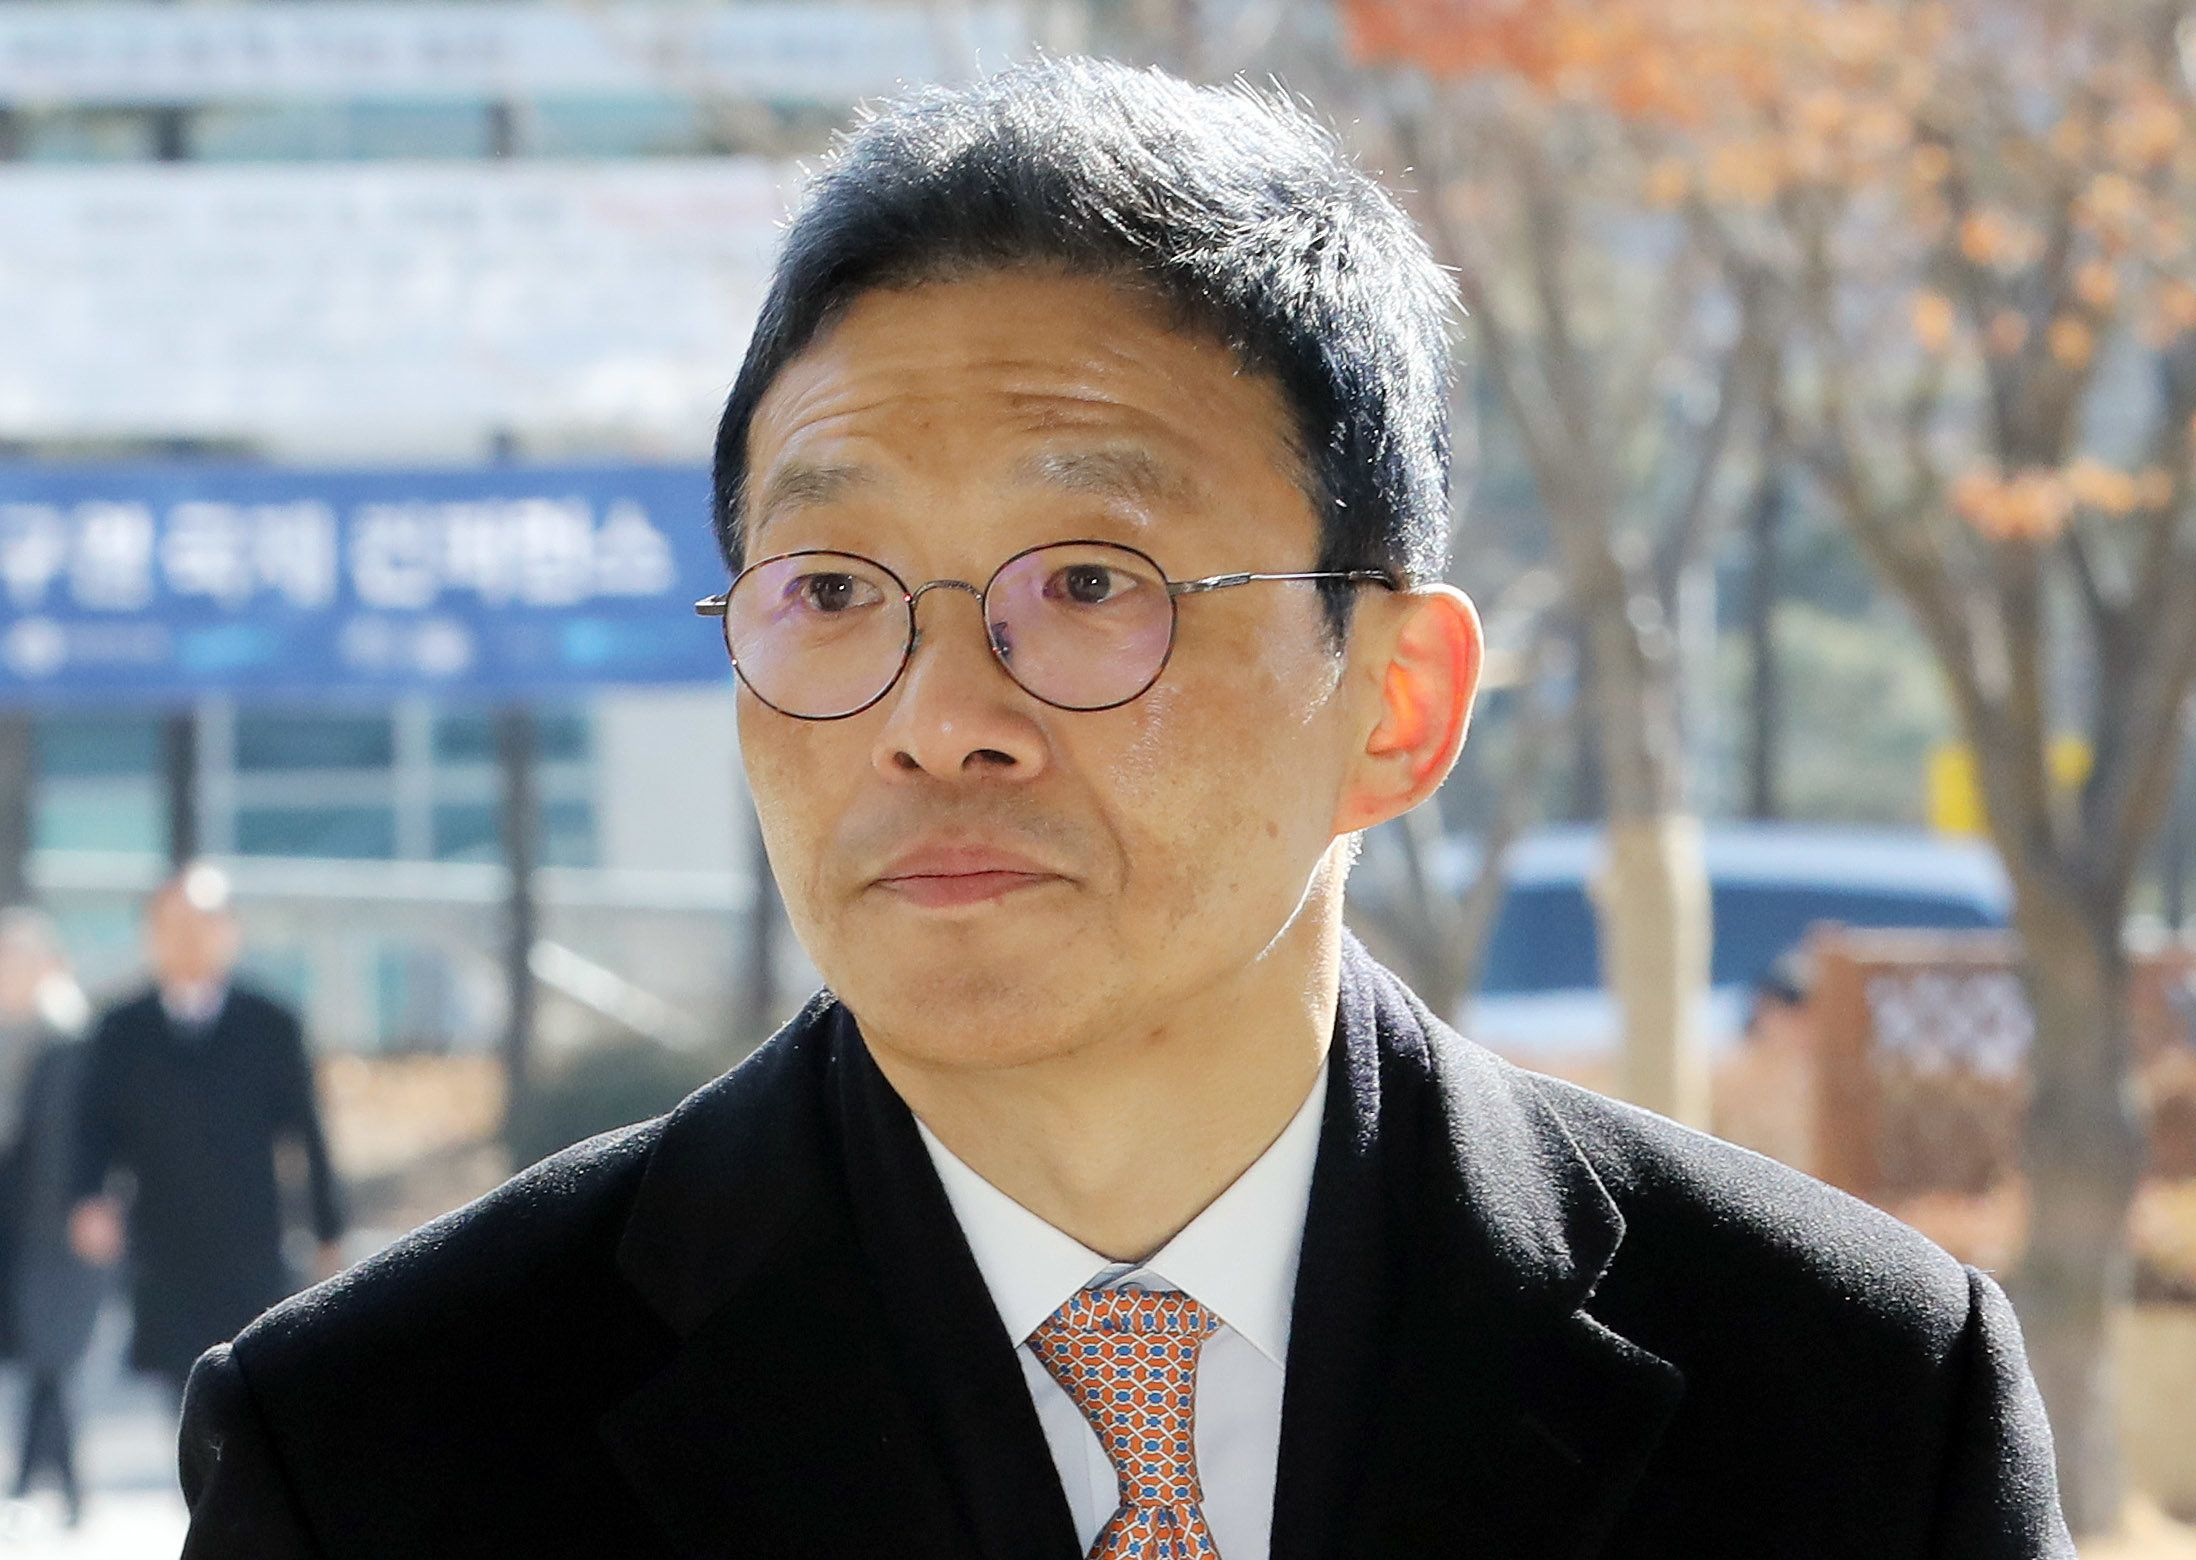 한국의 첫 미투를 촉발한 안태근 前 검사장이 법정 구속되다